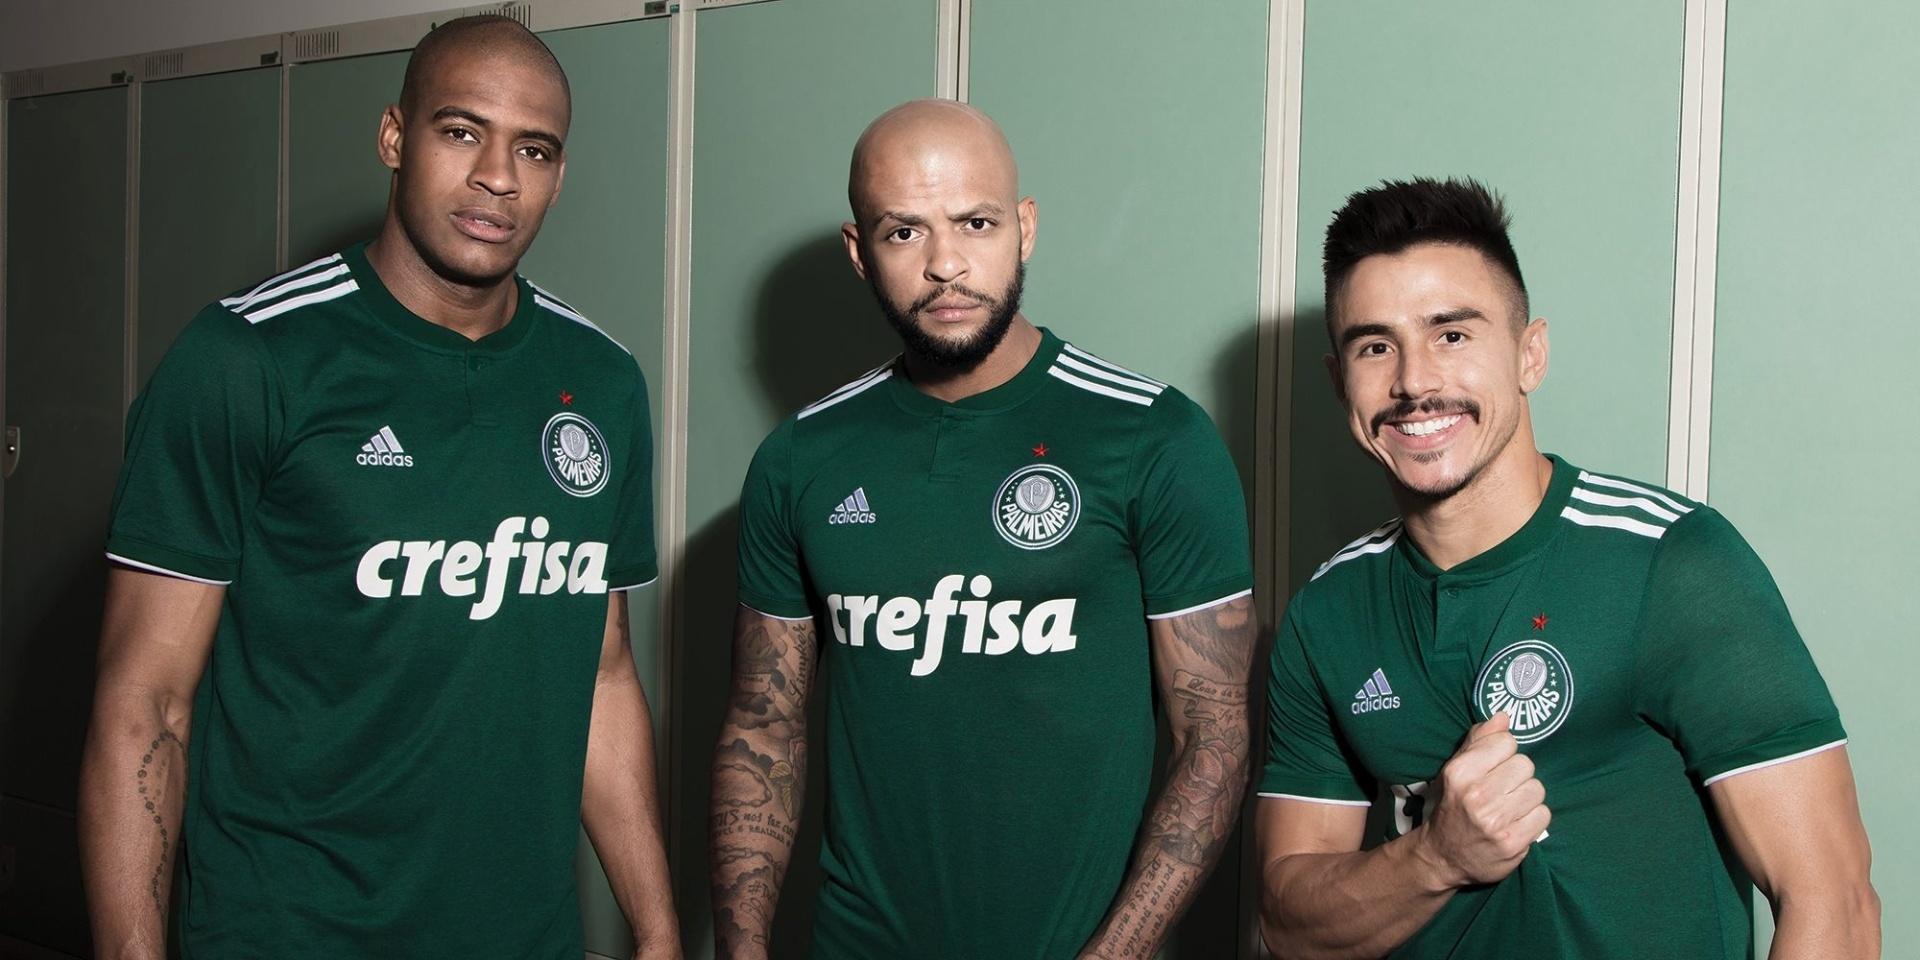 89b4f1e949 Novo uniforme do Palmeiras resgata escudo atual e volta a ser todo verde -  29 03 2018 - UOL Esporte